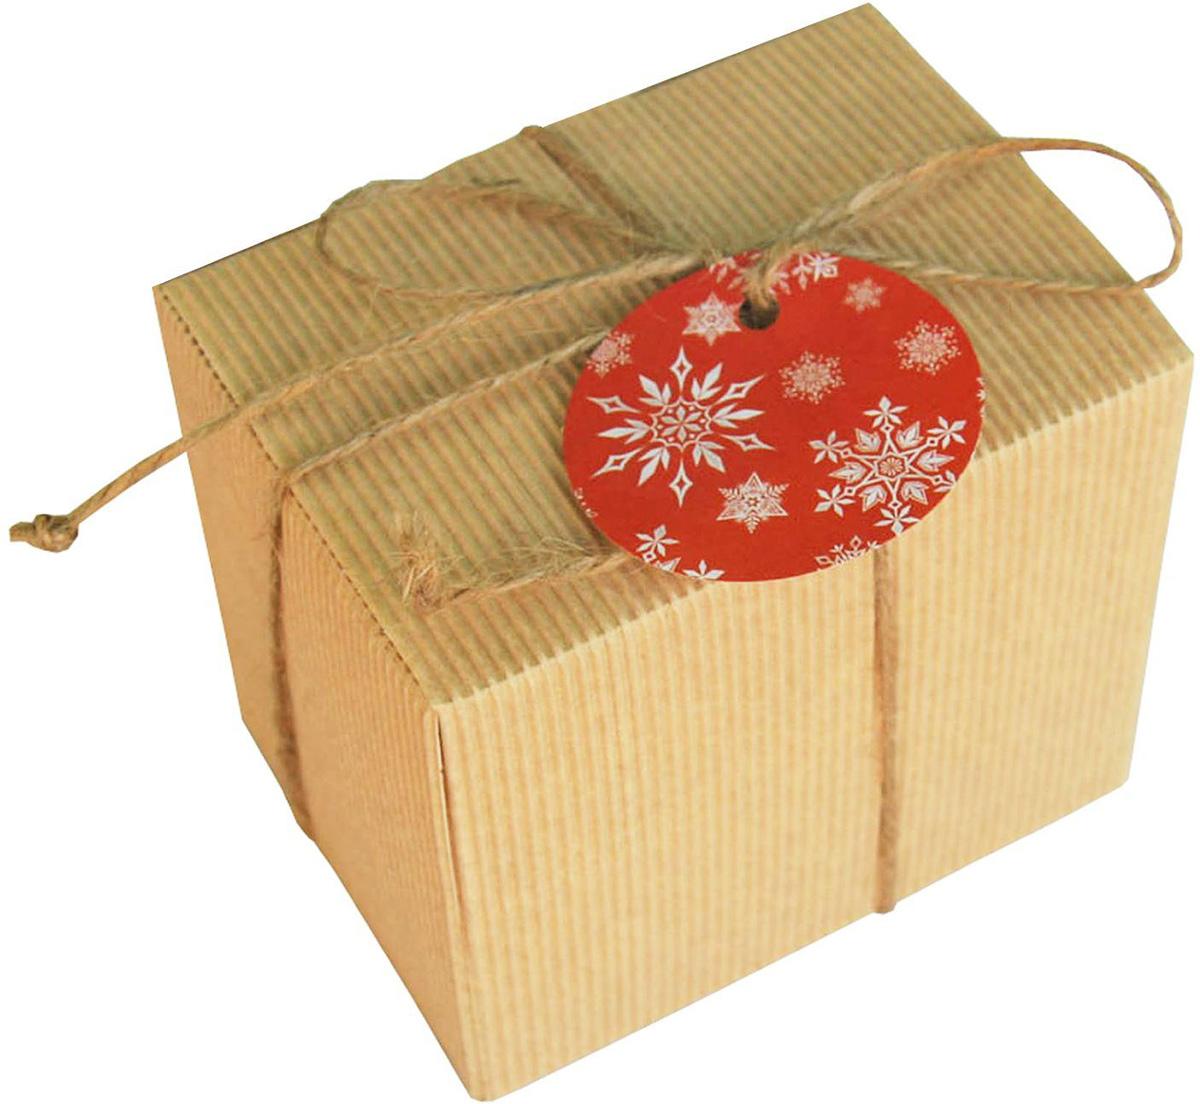 Коробка подарочная Sima-land Снежинки, 11 х 8,5 х 10 см1695923Любой подарок начинается с упаковки. Что может быть трогательнее и волшебнее, чем ритуал разворачивания полученного презента. И именно оригинальная, со вкусом выбранная упаковка выделит ваш подарок из массы других. Подарочная коробка Sima-land продемонстрирует самые теплые чувства к виновнику торжества и создаст сказочную атмосферу праздника.